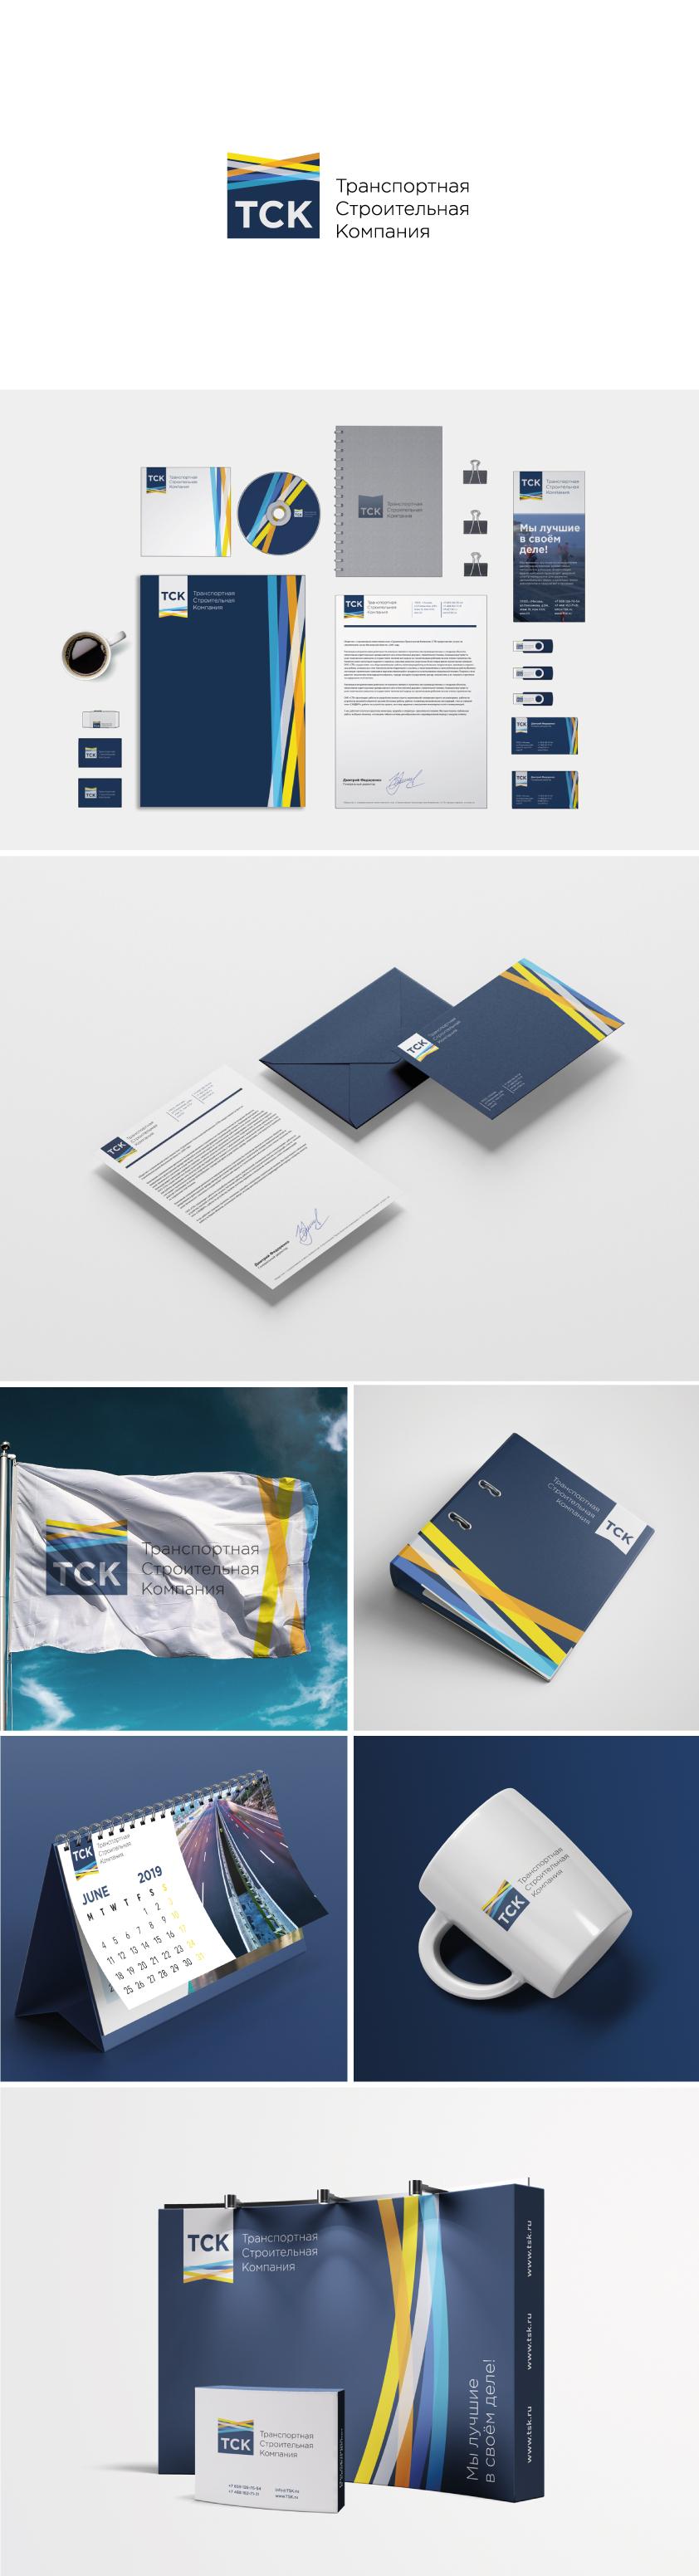 Логотип, фирменный стиль, навигация, ресепшн для компании ТСК